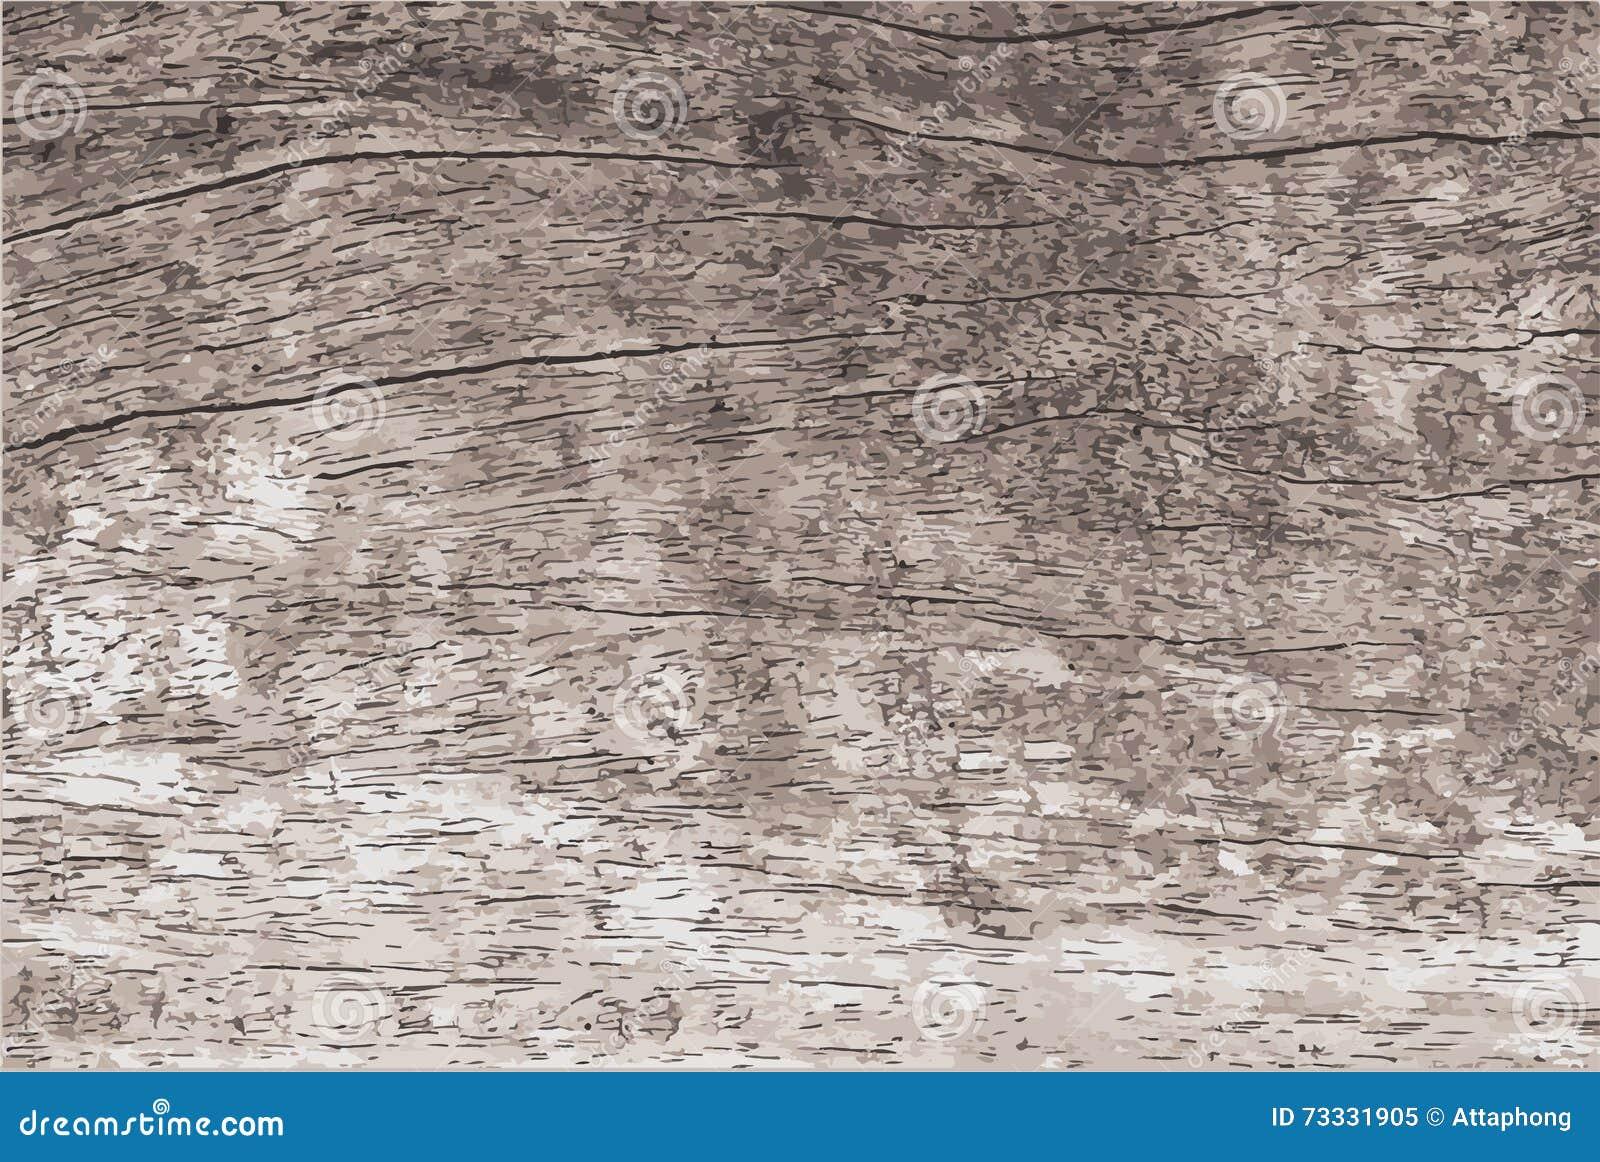 Ξύλινη σύσταση με το φυσικό διάνυσμα σχεδίων